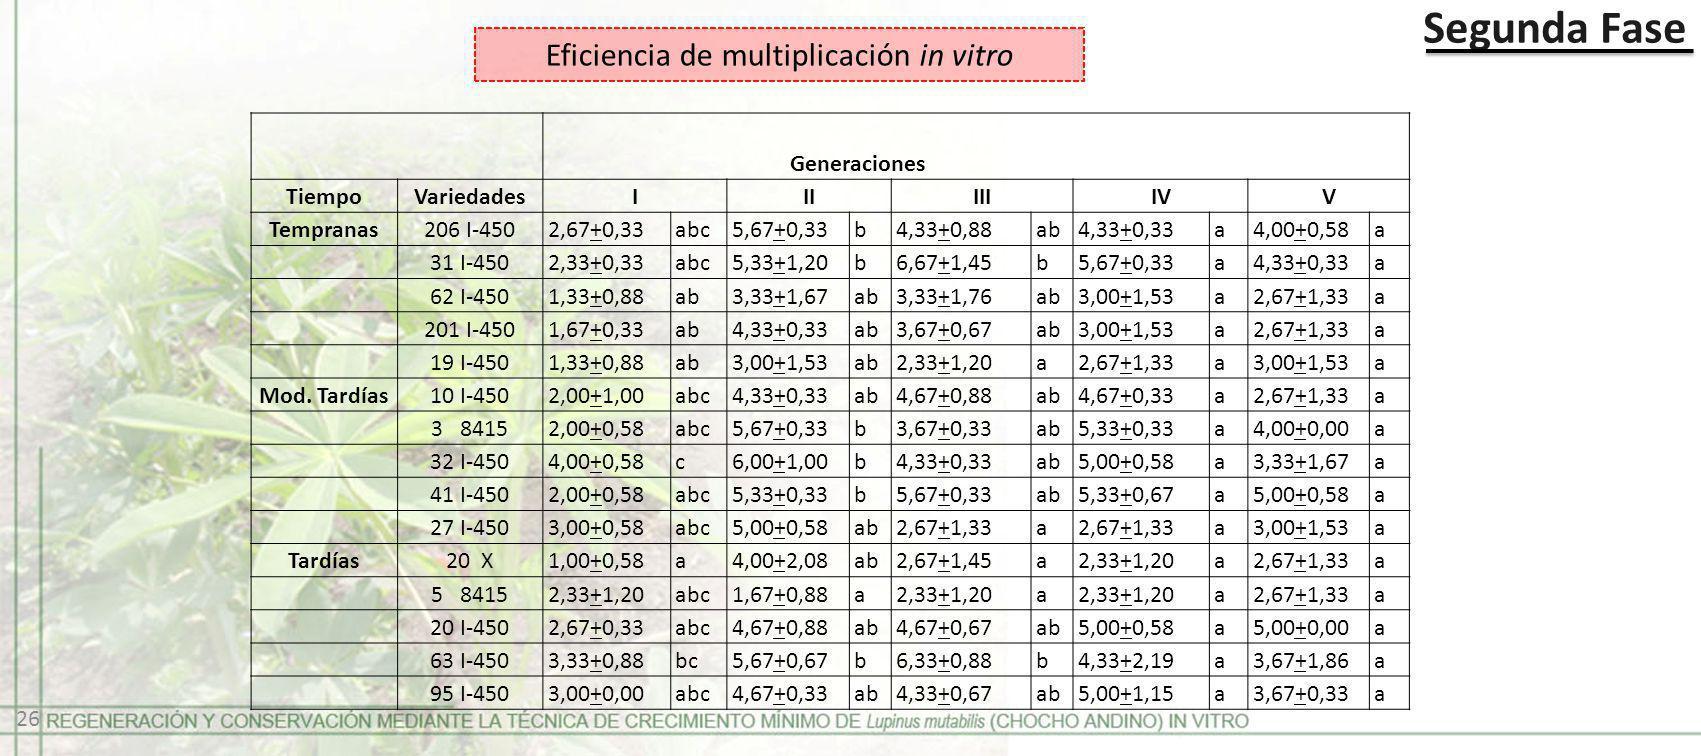 Eficiencia de multiplicación in vitro